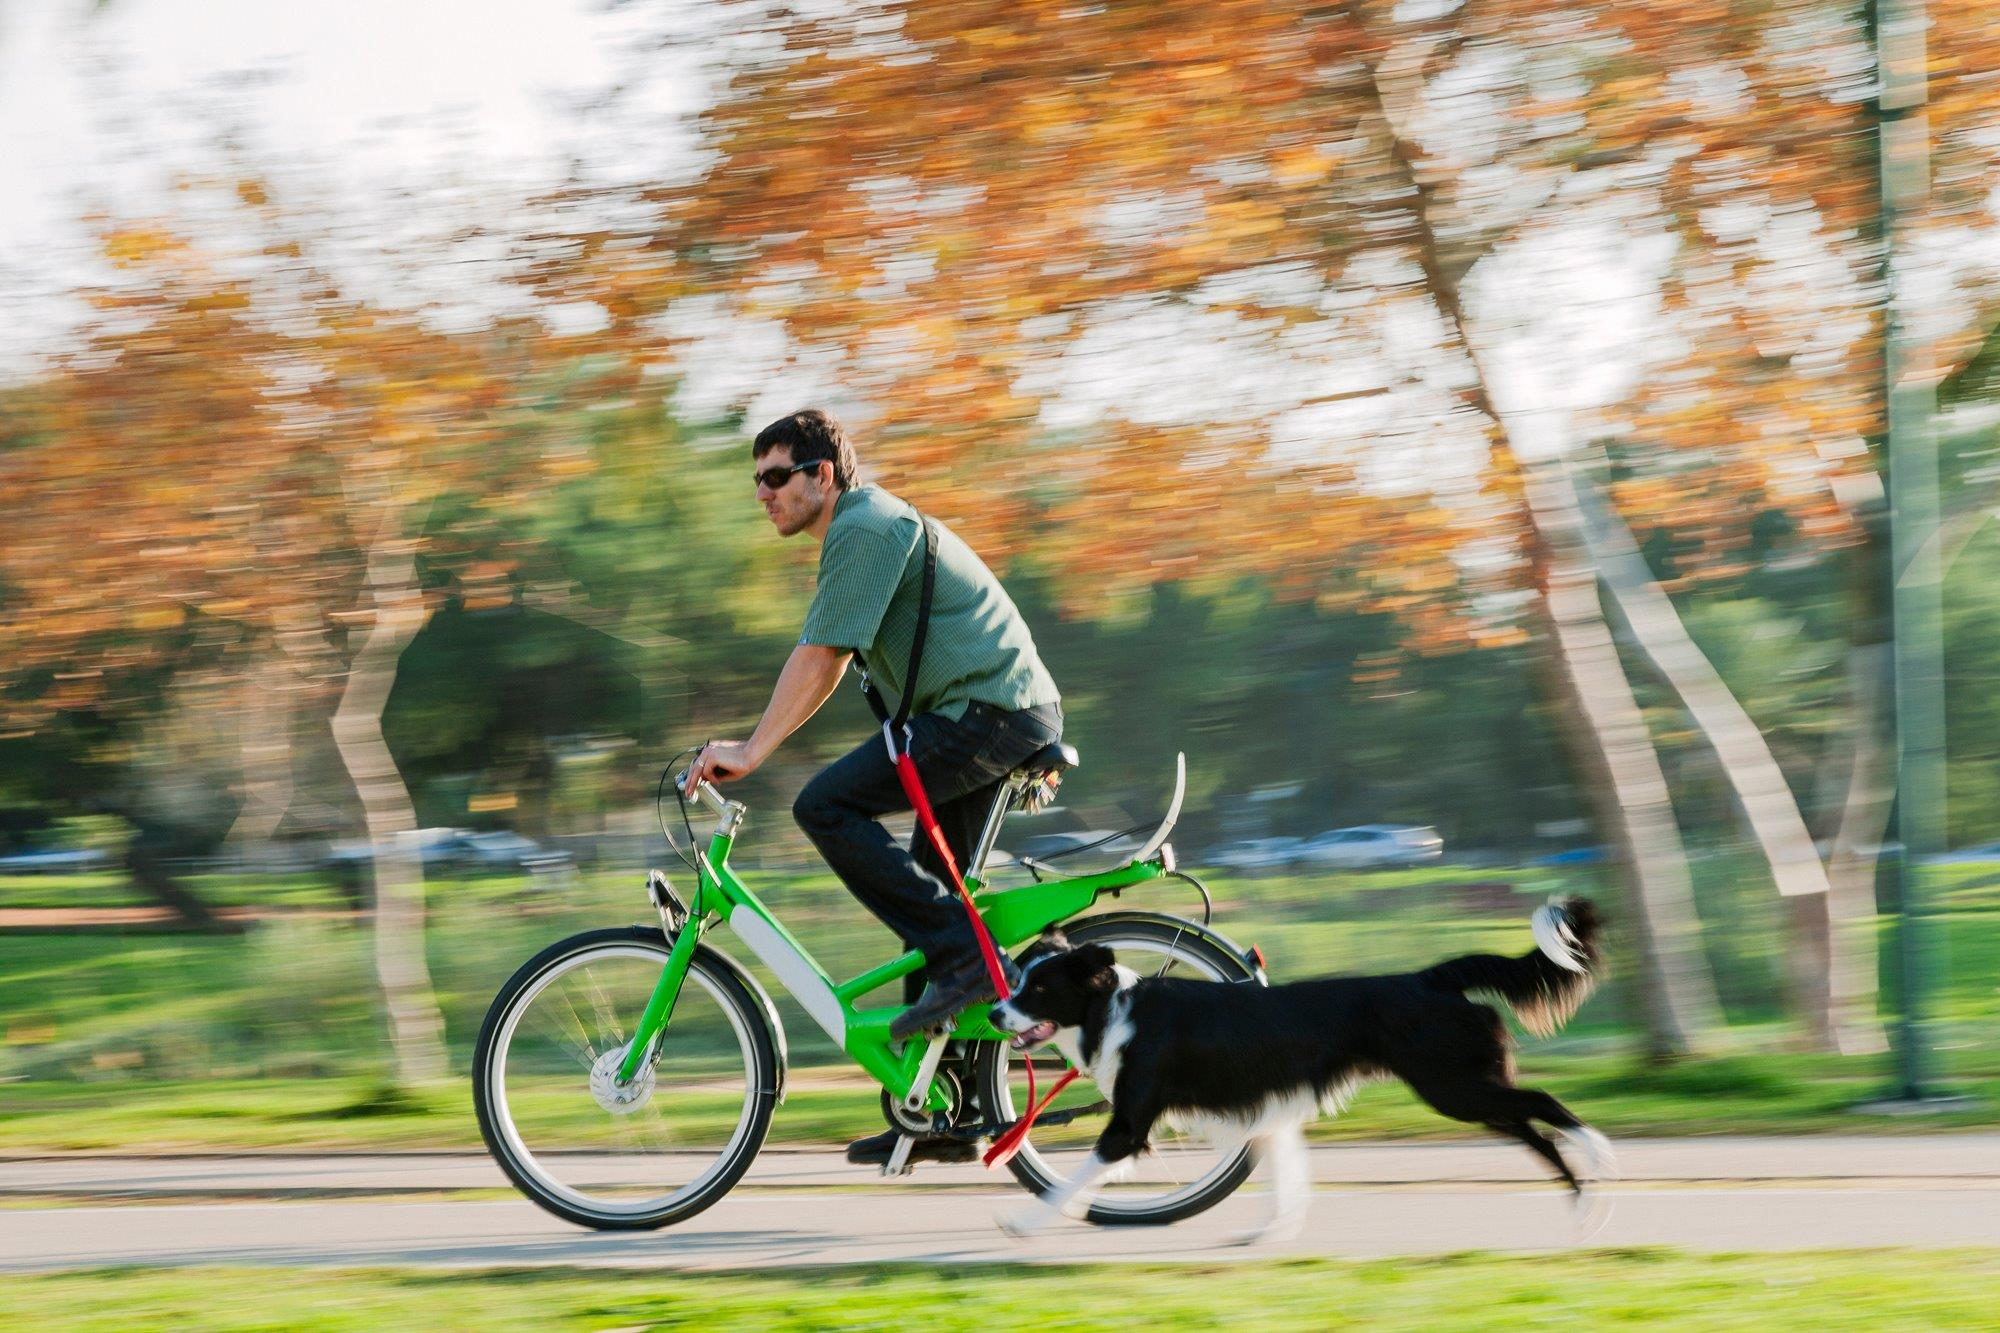 Un plan sostenible y divertido con mascotas. Foto: Shutterstock